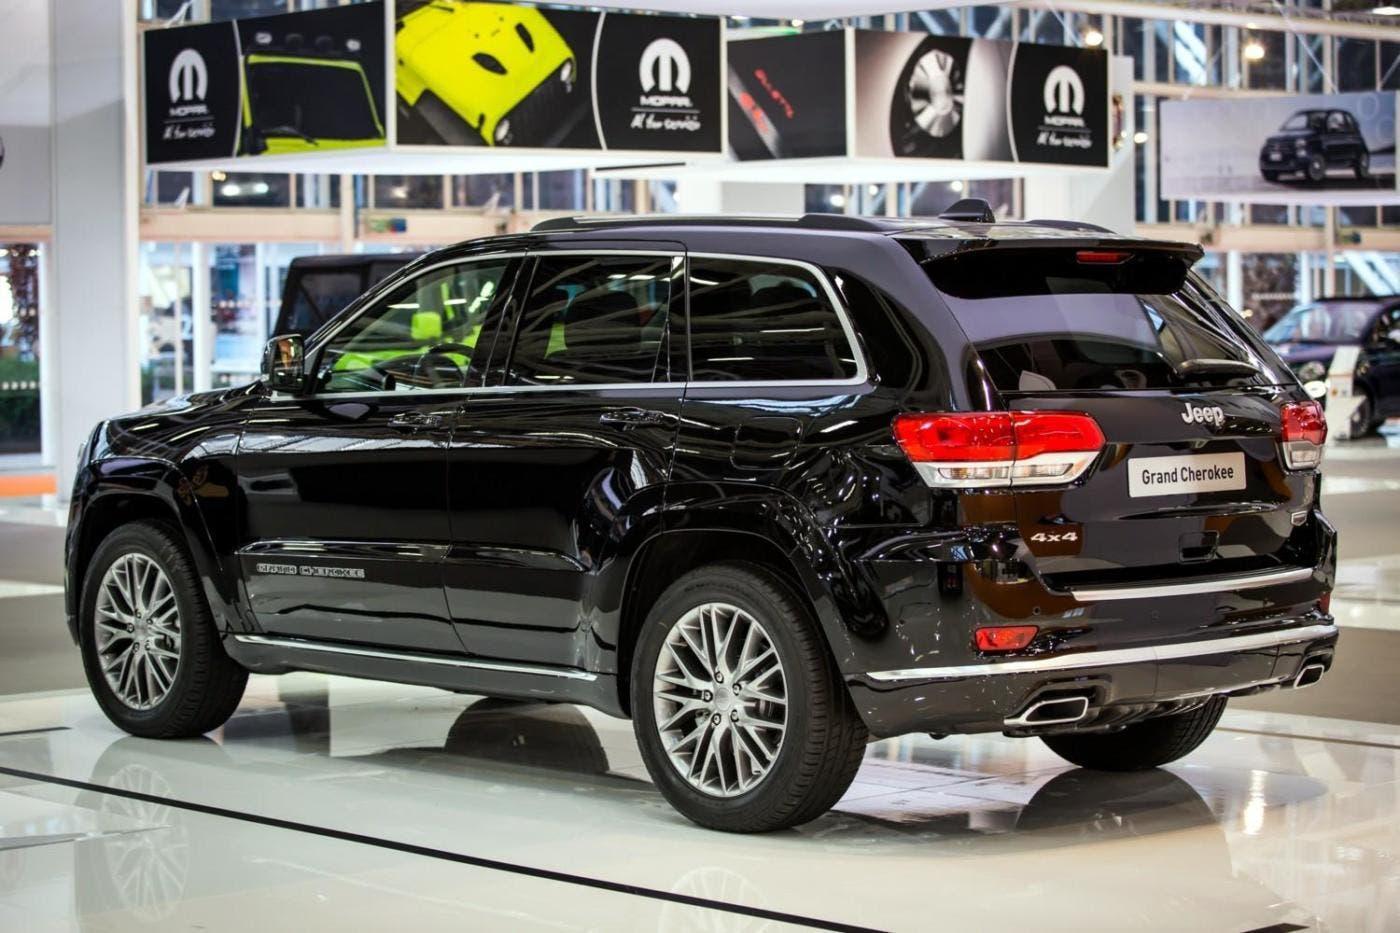 nuova jeep grand cherokee debutto italiano al motor show. Black Bedroom Furniture Sets. Home Design Ideas